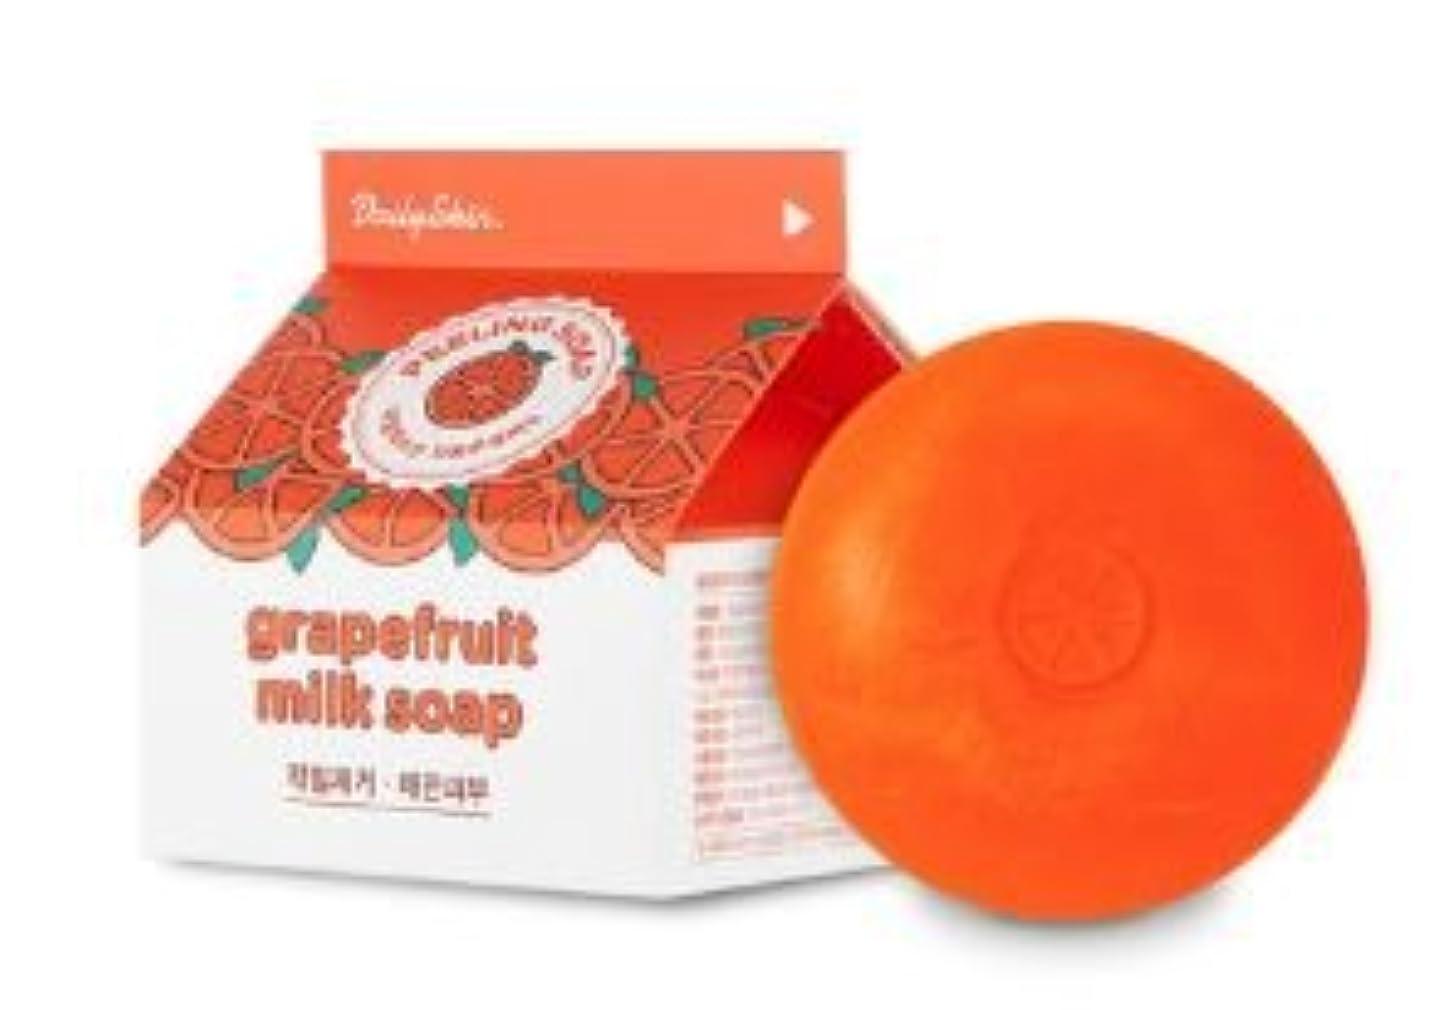 副詞より多い丁寧[NEW★] Daily Skin Grapefruit Milk Soap 100g/デイリースキン グレープフルーツ ミルク ソープ 100g [並行輸入品]